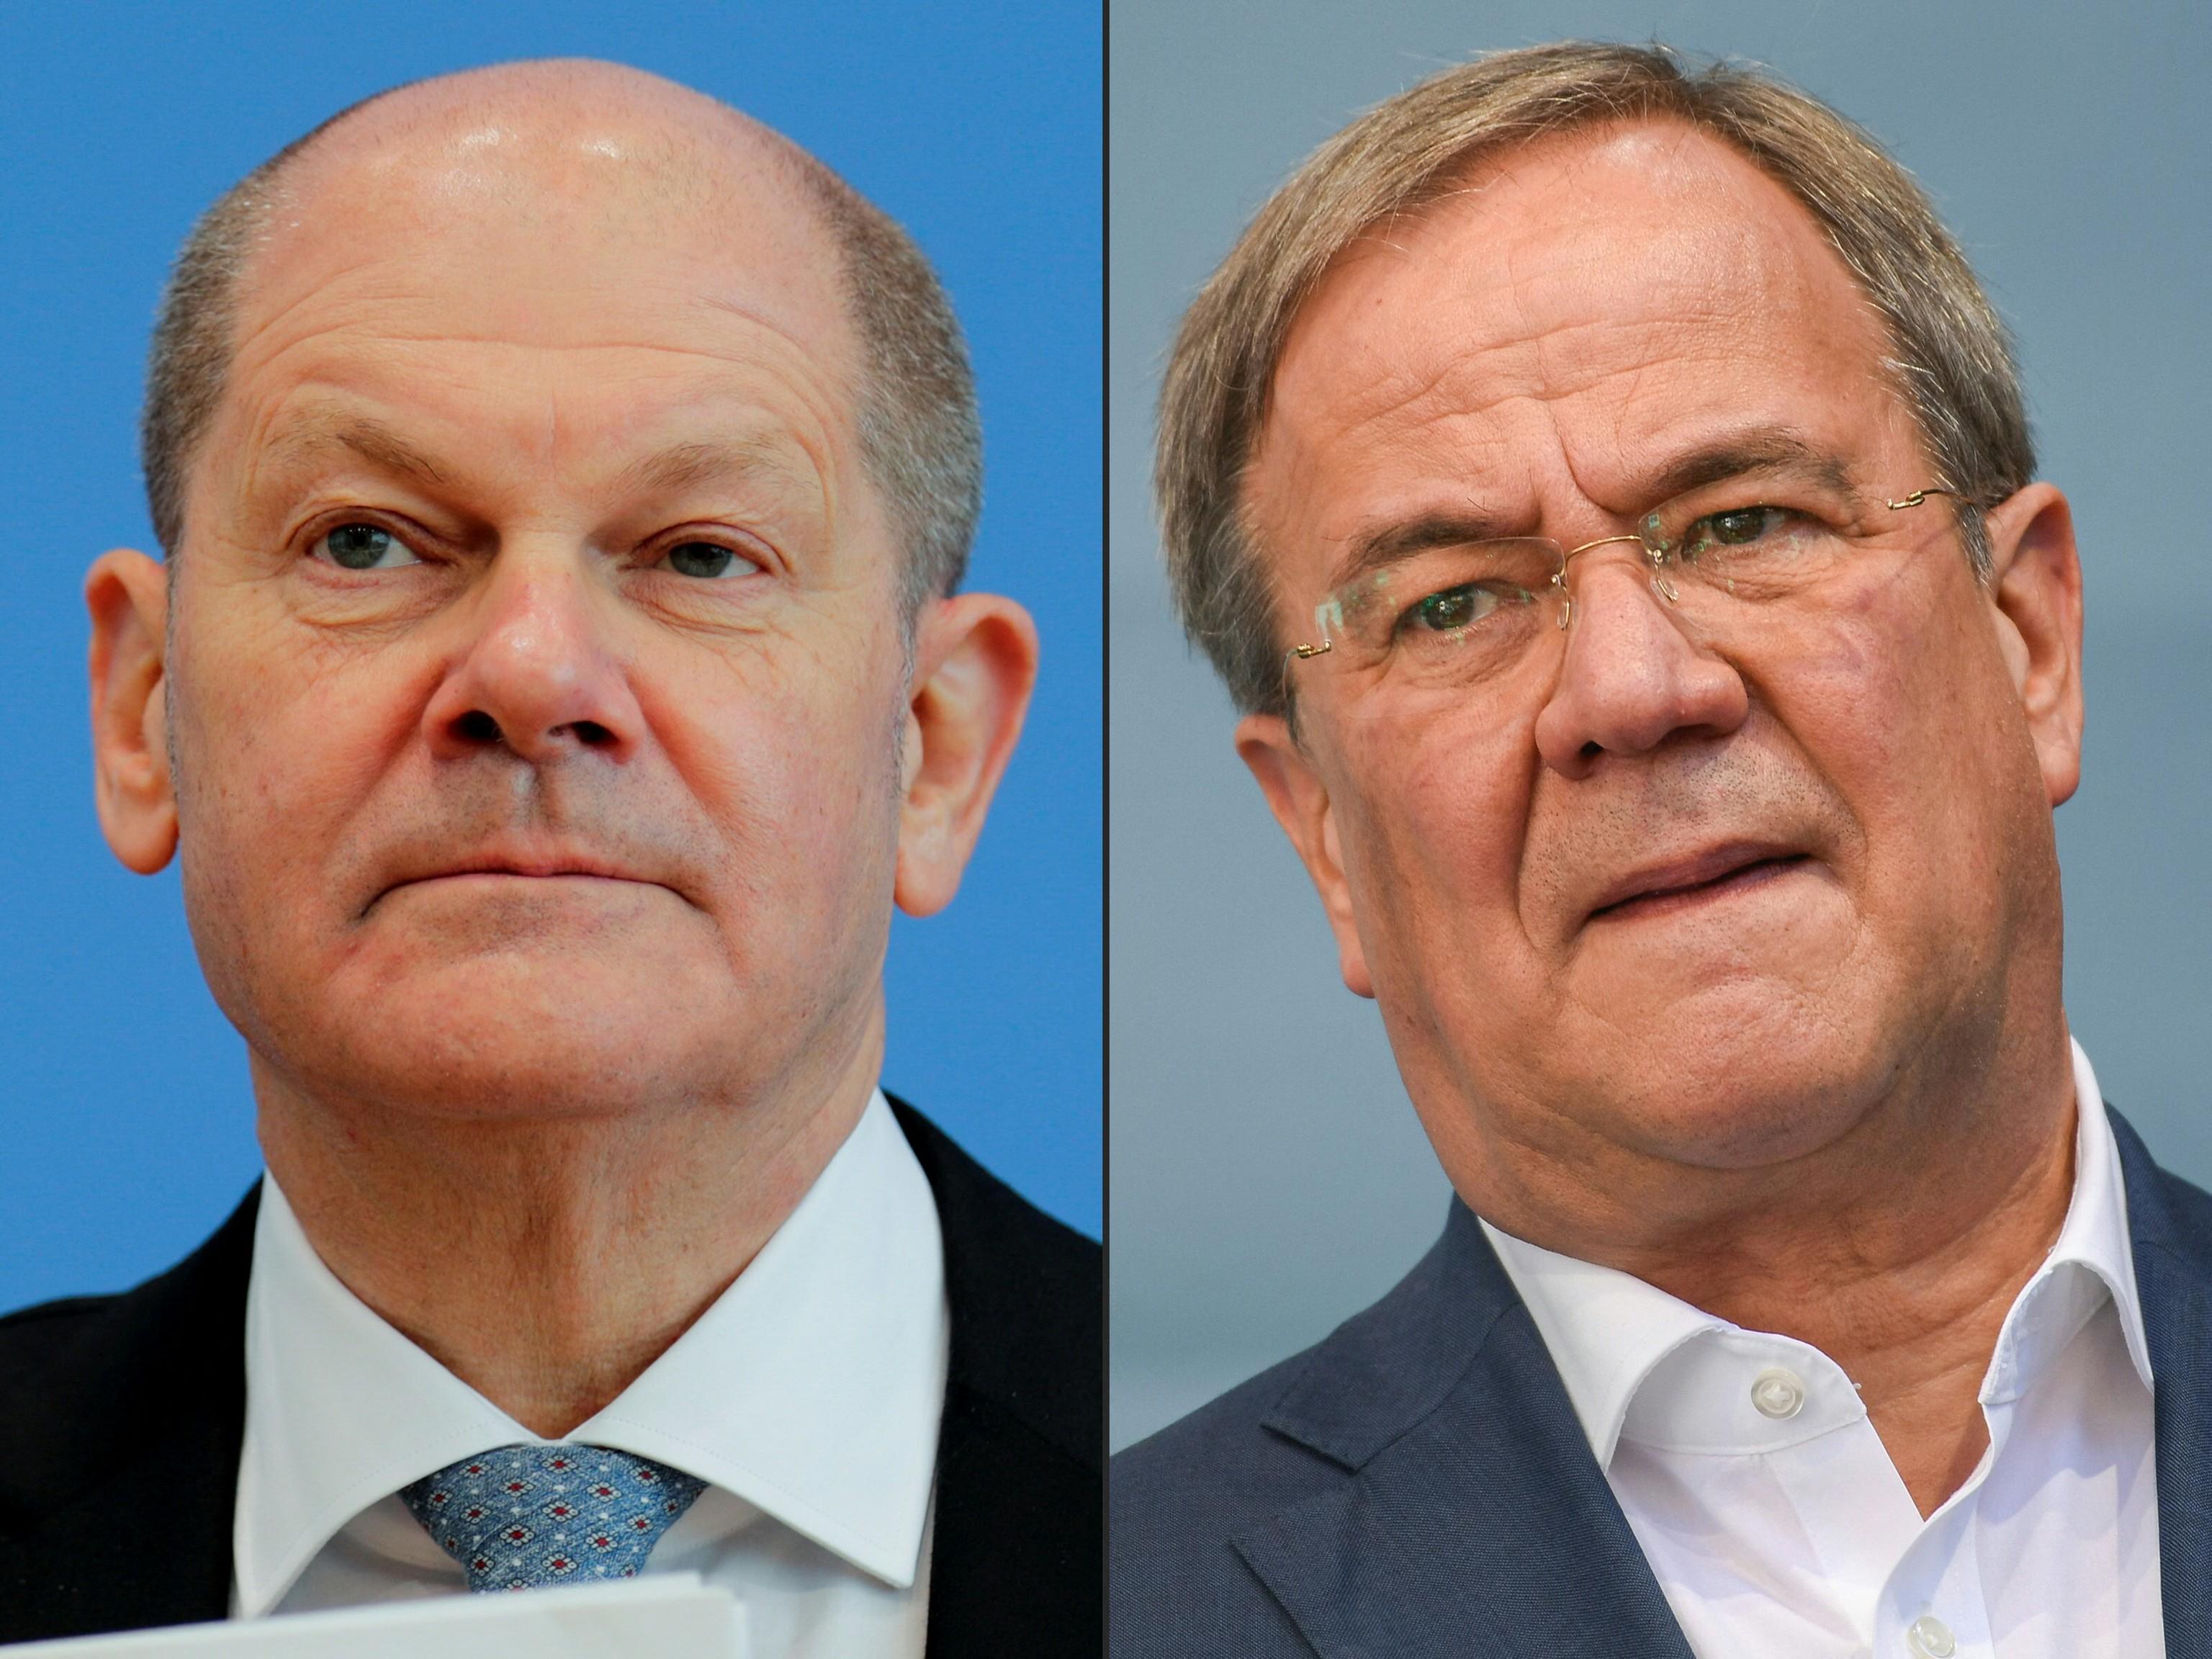 De izda. a dcha., Olaf Scholz (SPD) y Armin Laschet (CDU).